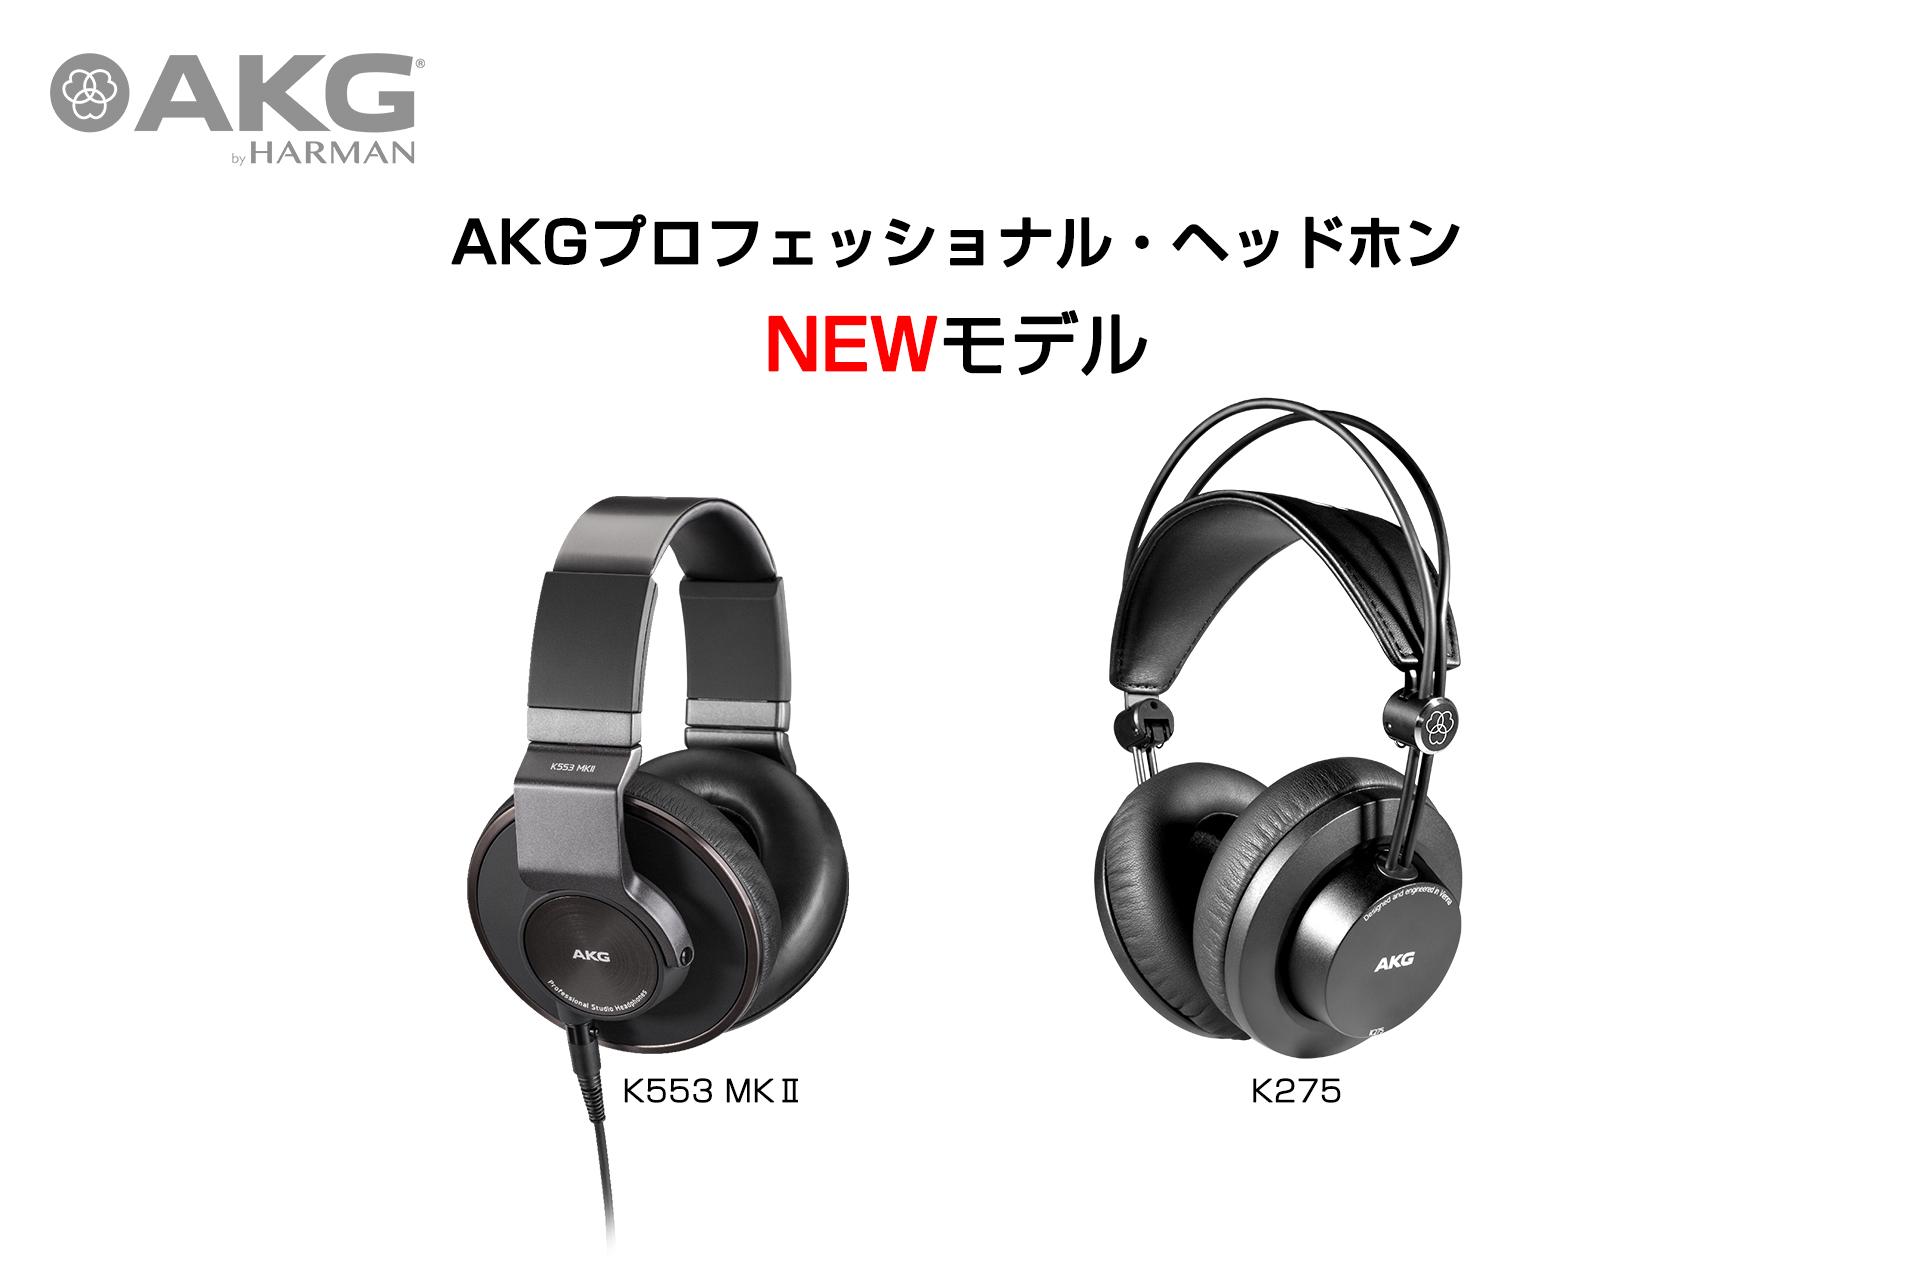 【AKG】AKGプロフェッショナル・ヘッドホンの新製品4モデルを展示いたします。